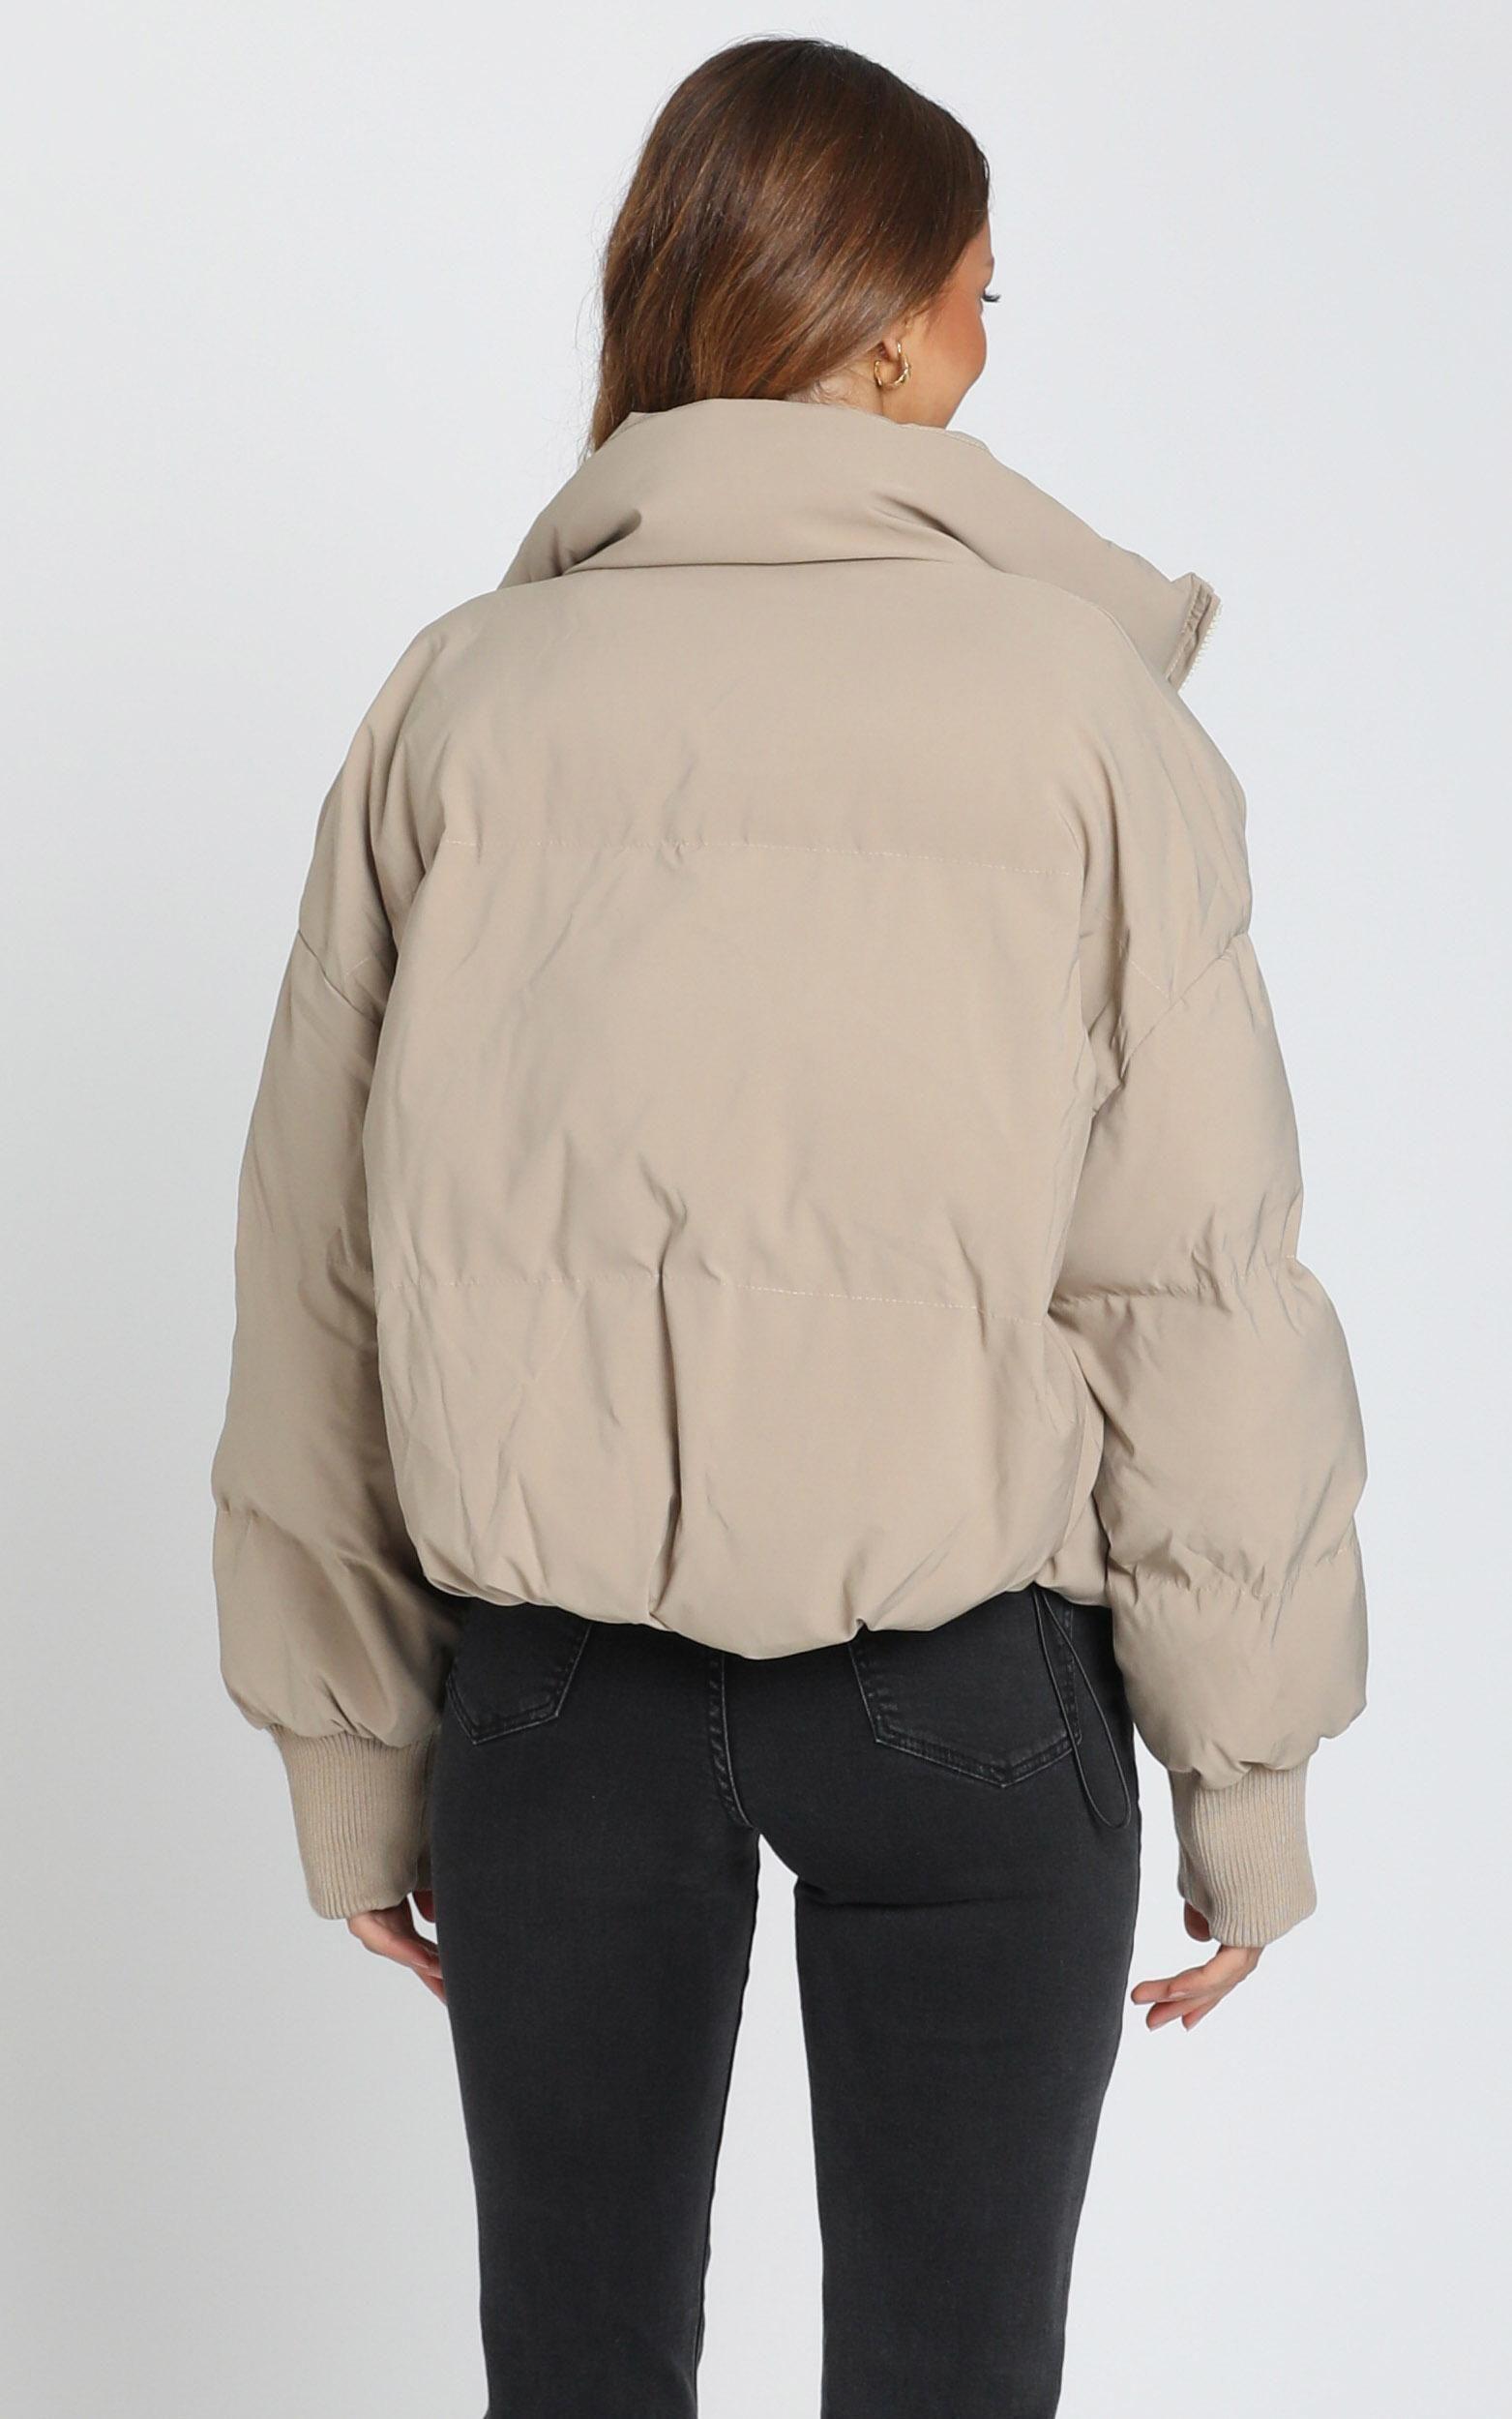 Windsor Puffer Jacket In Beige Showpo Beige Puffer Jacket Jackets Beige Puffer [ 2500 x 1563 Pixel ]